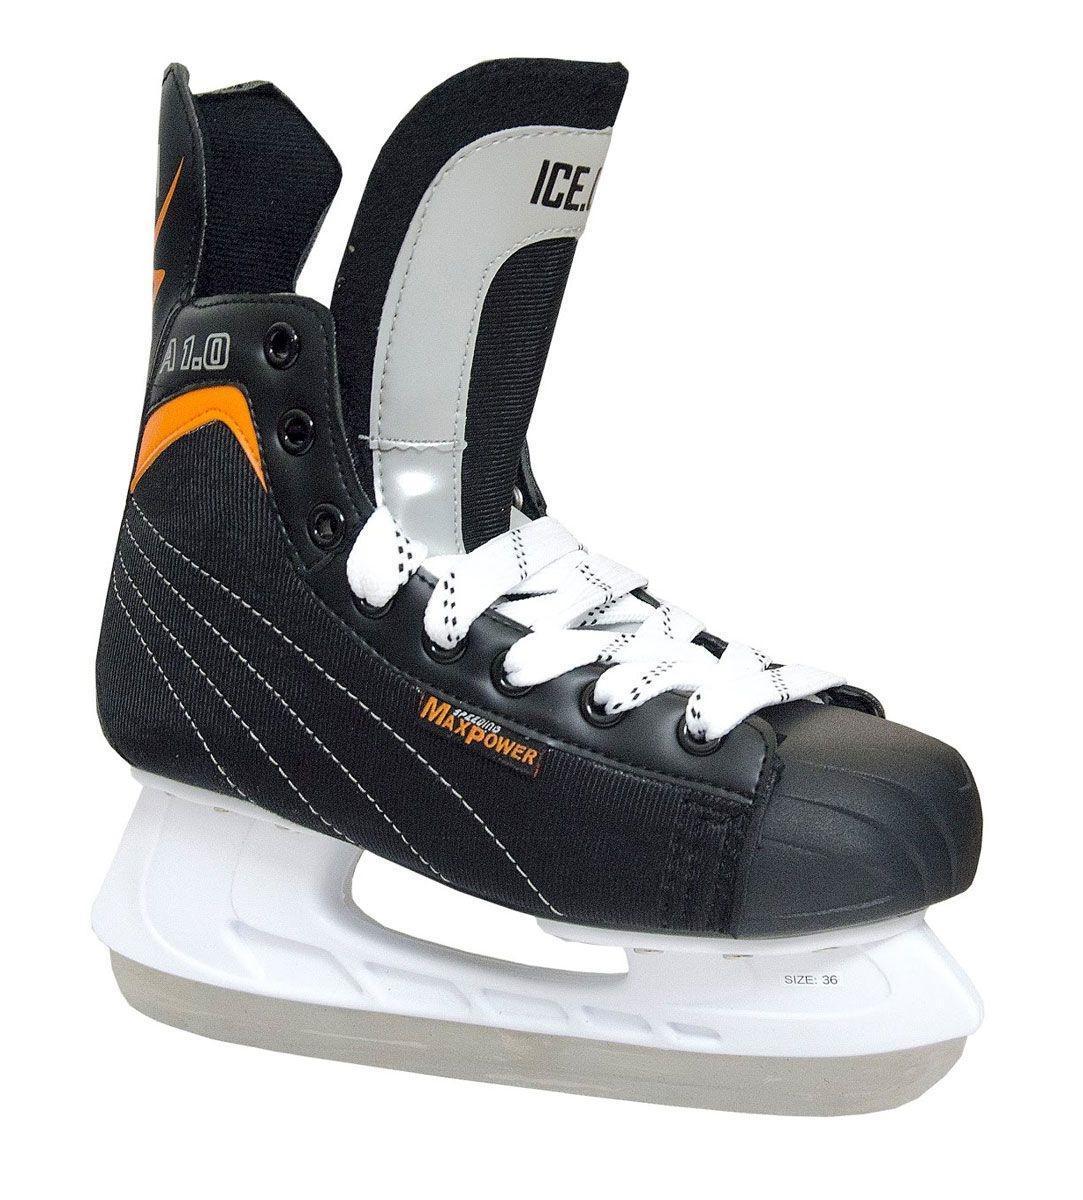 Коньки хоккейные Ice.Com A 1.0 2014, цвет: черный, оранжевый. Размер 39A 1.0 2014Коньки A 1.0 предназначены для игры в хоккей. Верх ботинка выполнен из морозостойкой искусственной кожи и нейлона. Мысок - морозостойкий ударопрочный PU, подошва - морозостойкий ПВХ. Толстый войлочный язык. Удобный высокий ботинок с широкой анатомической колодкой позволяет надежно фиксировать голеностоп.Для того, чтобы Вам максимально точно подобрать размер коньков, узнайте длину стопы с точностью до миллиметра. Для этого поставьте босую ногу на лист бумаги А4 и отметьте на бумаге самые крайние точки Вашей стопы (пятка и носок). Затем измерьте обычной линейкой расстояние (до миллиметра) между этими отметками на бумаге. Не забудьте учесть 2-3 мм запаса под носок.